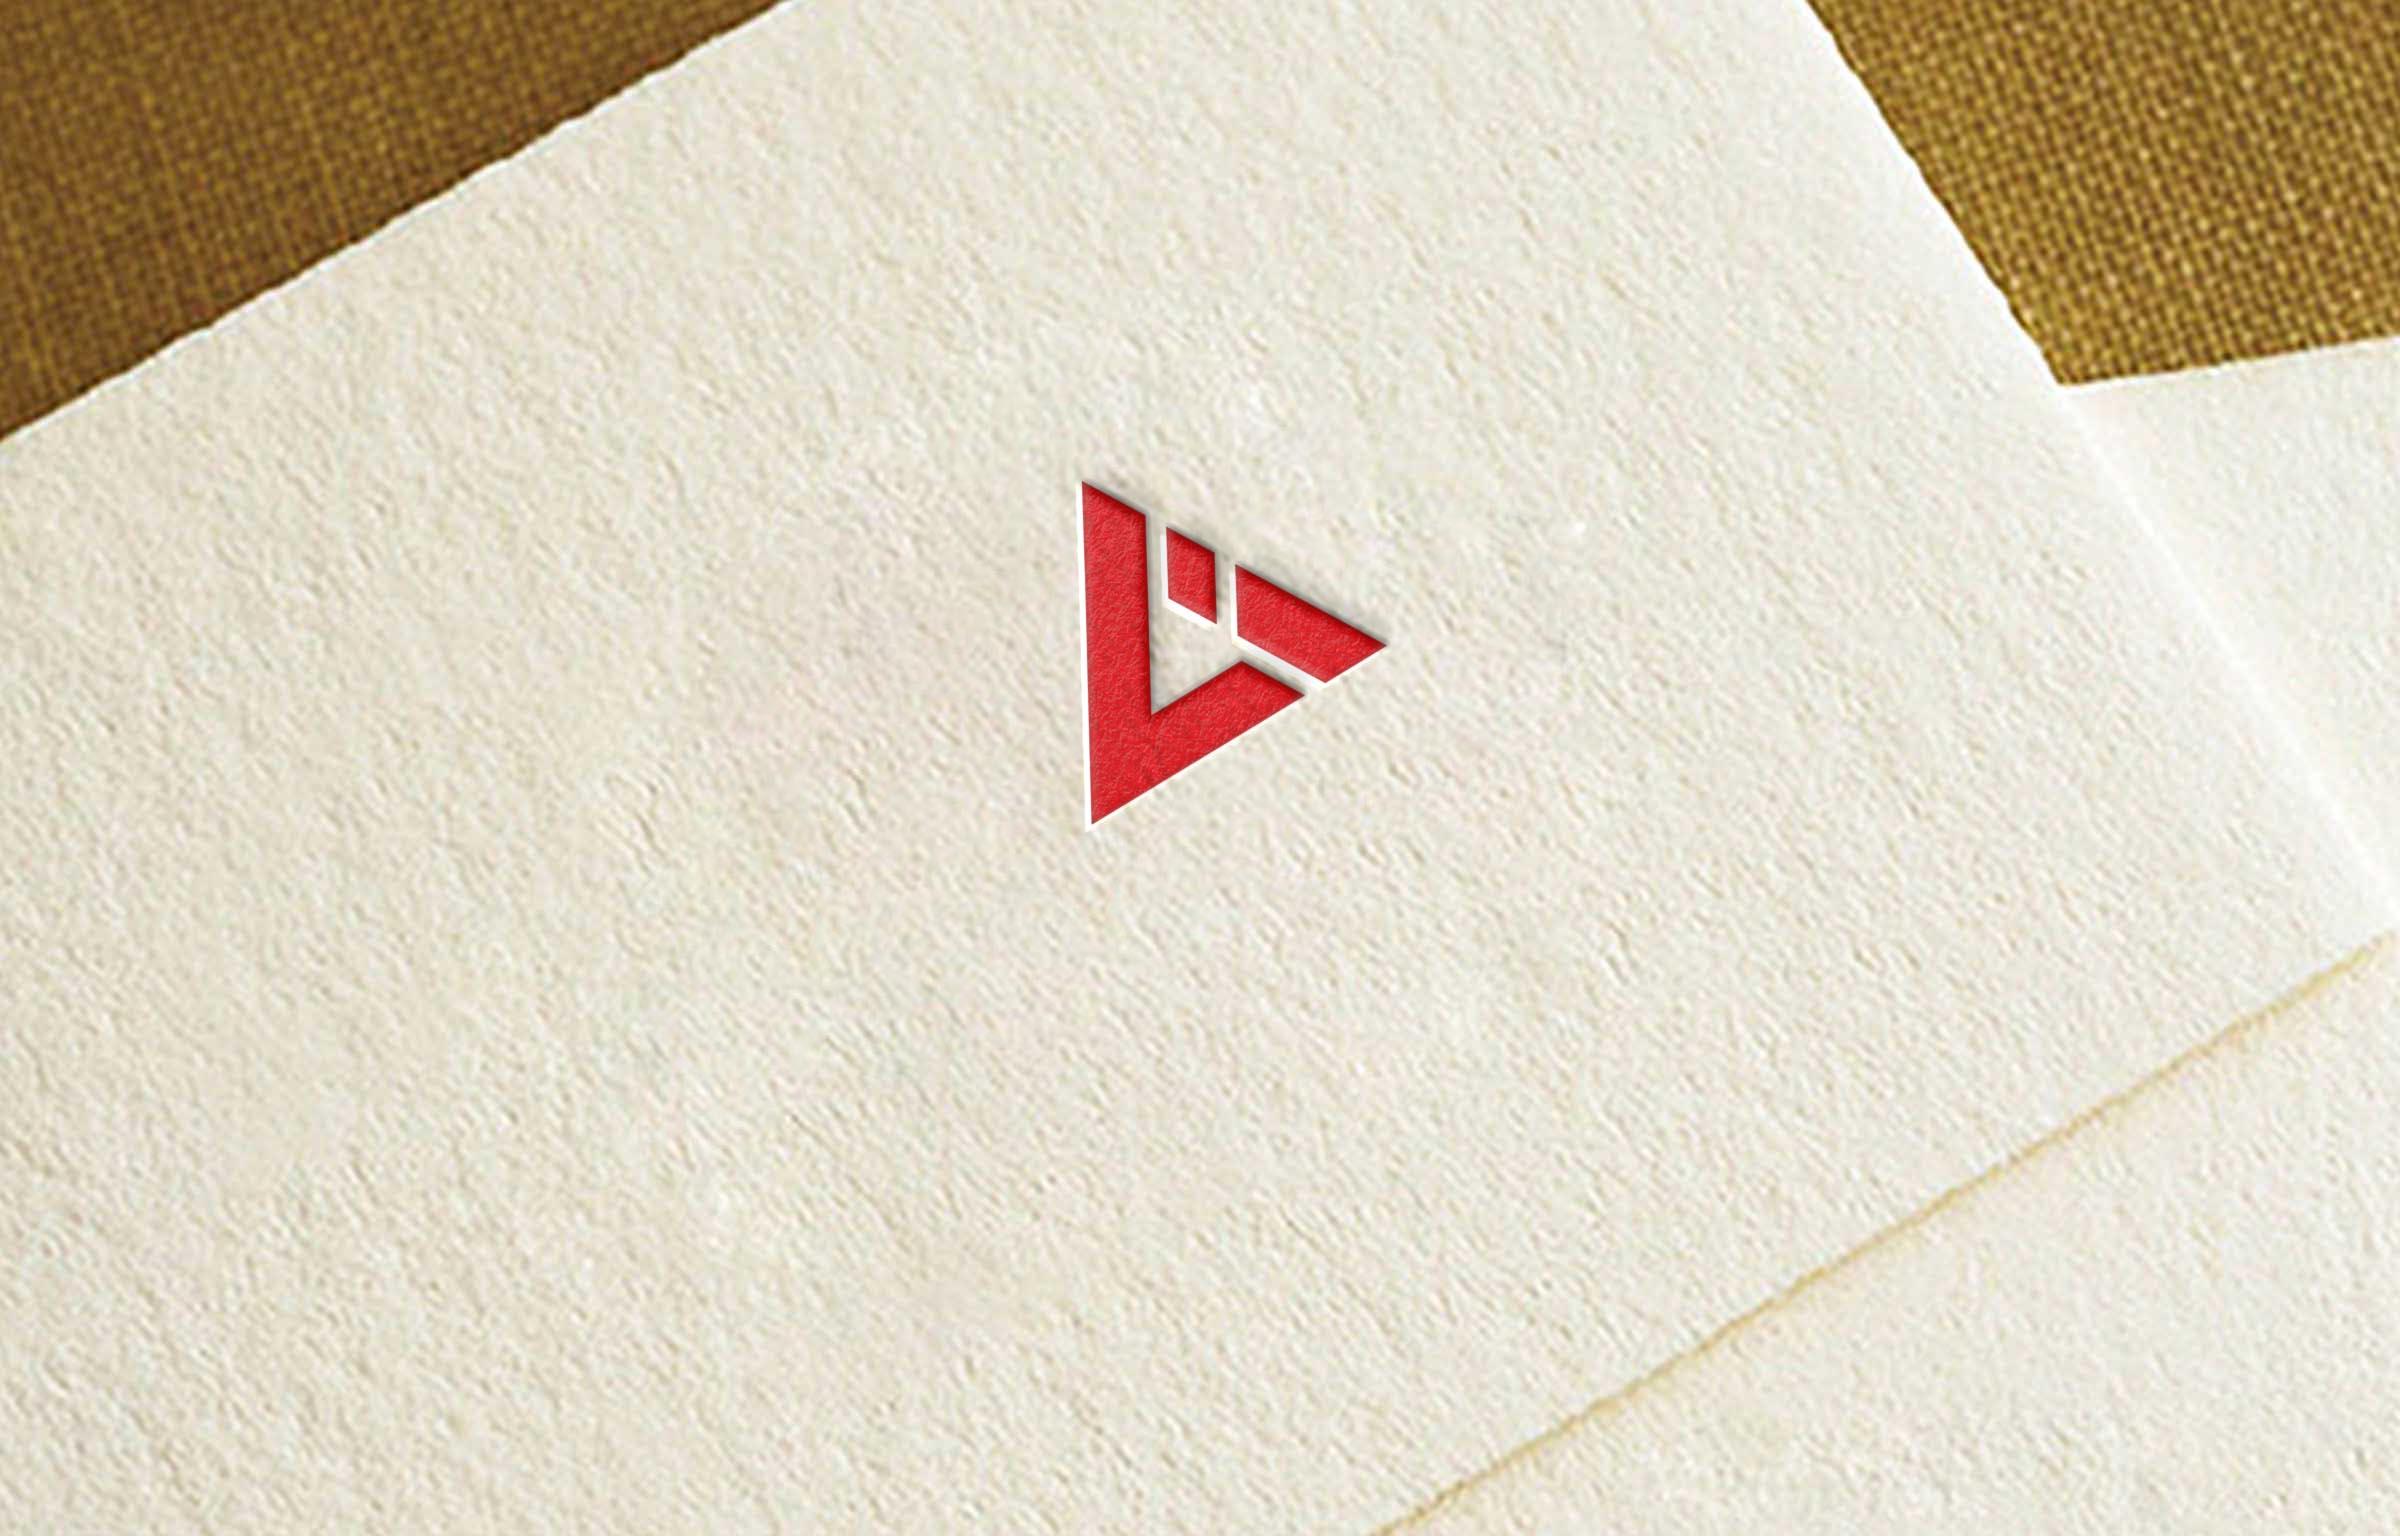 手套品牌logo设计_3036391_k68威客网